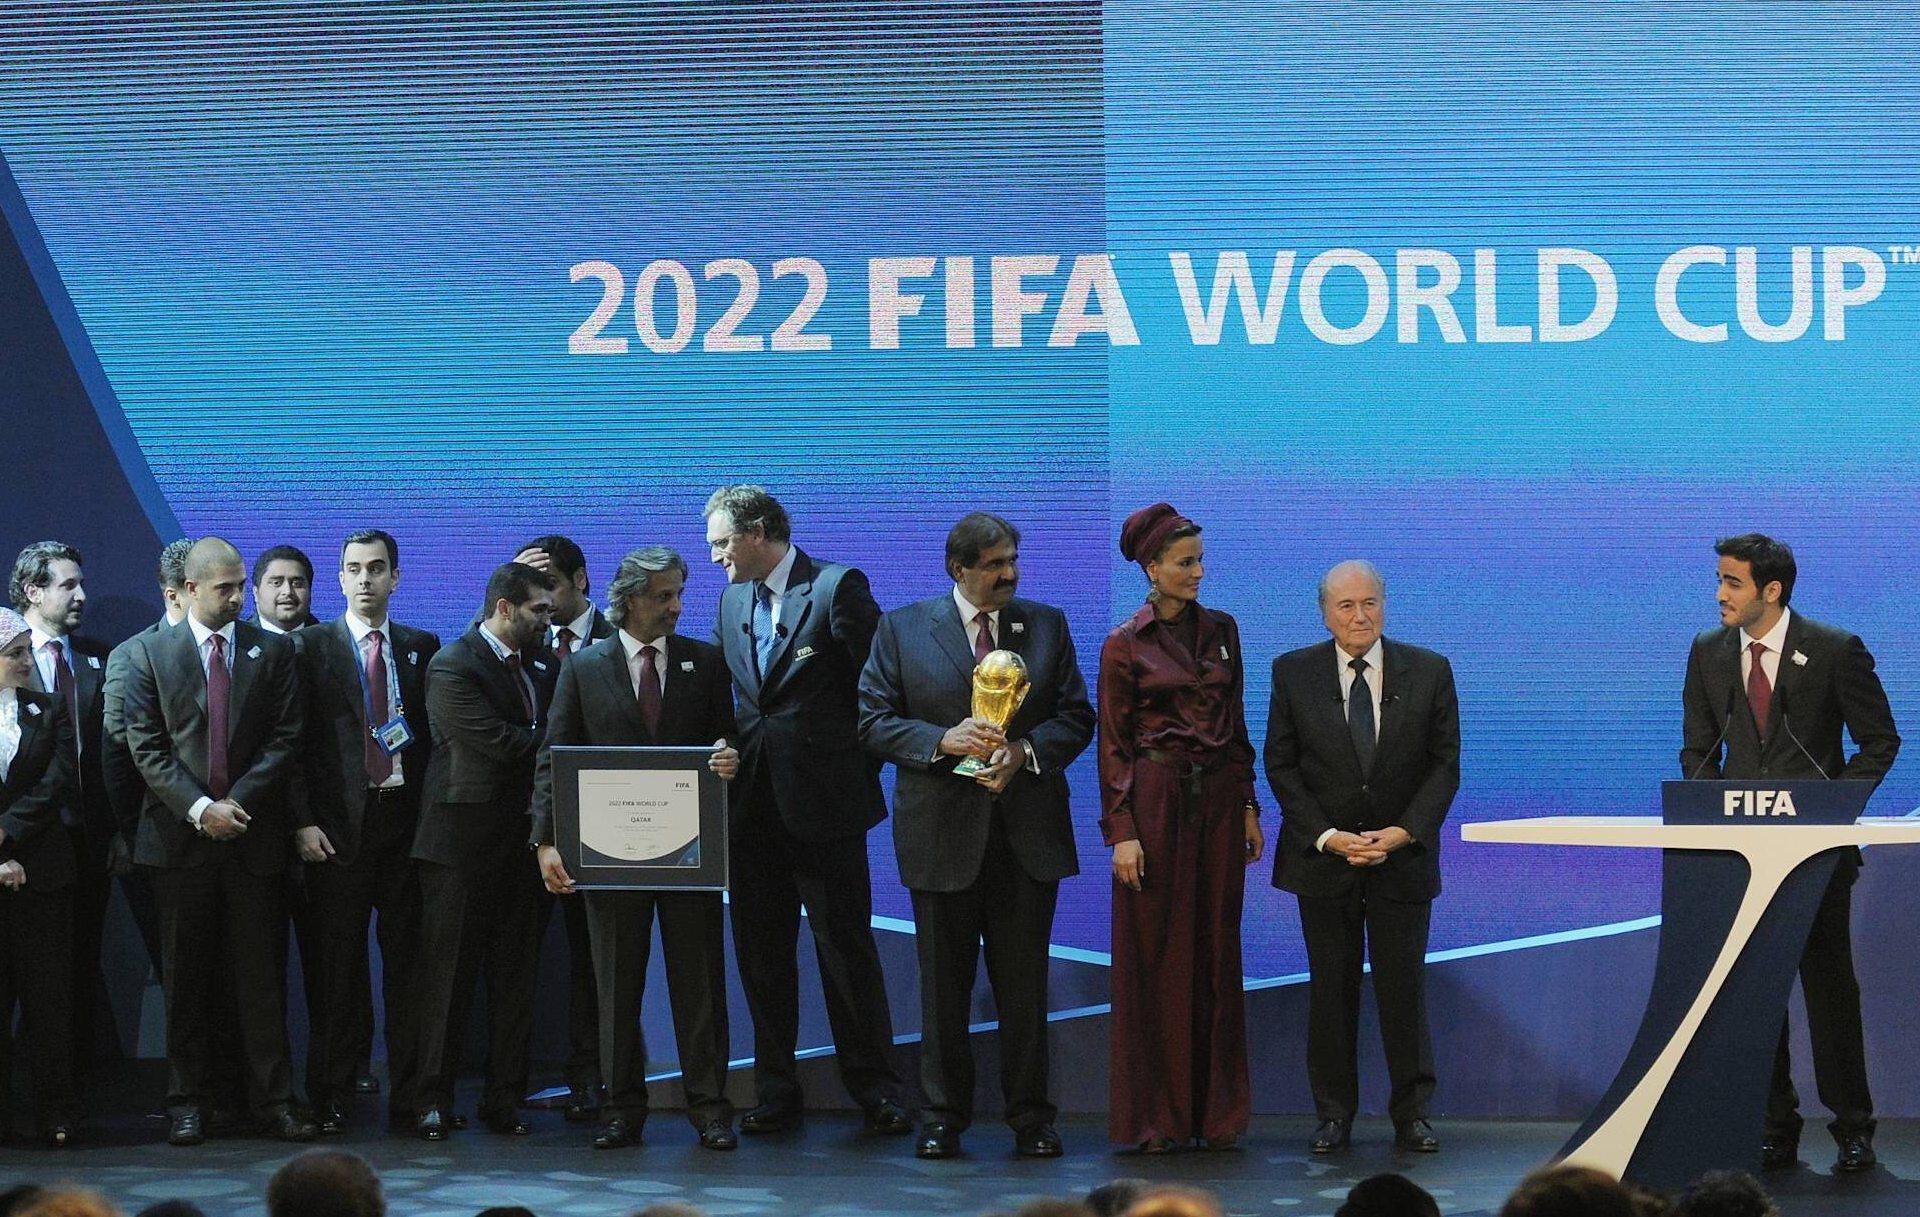 Le qatar embarrasse la fifa coupe du monde football - Qatar football coupe du monde ...